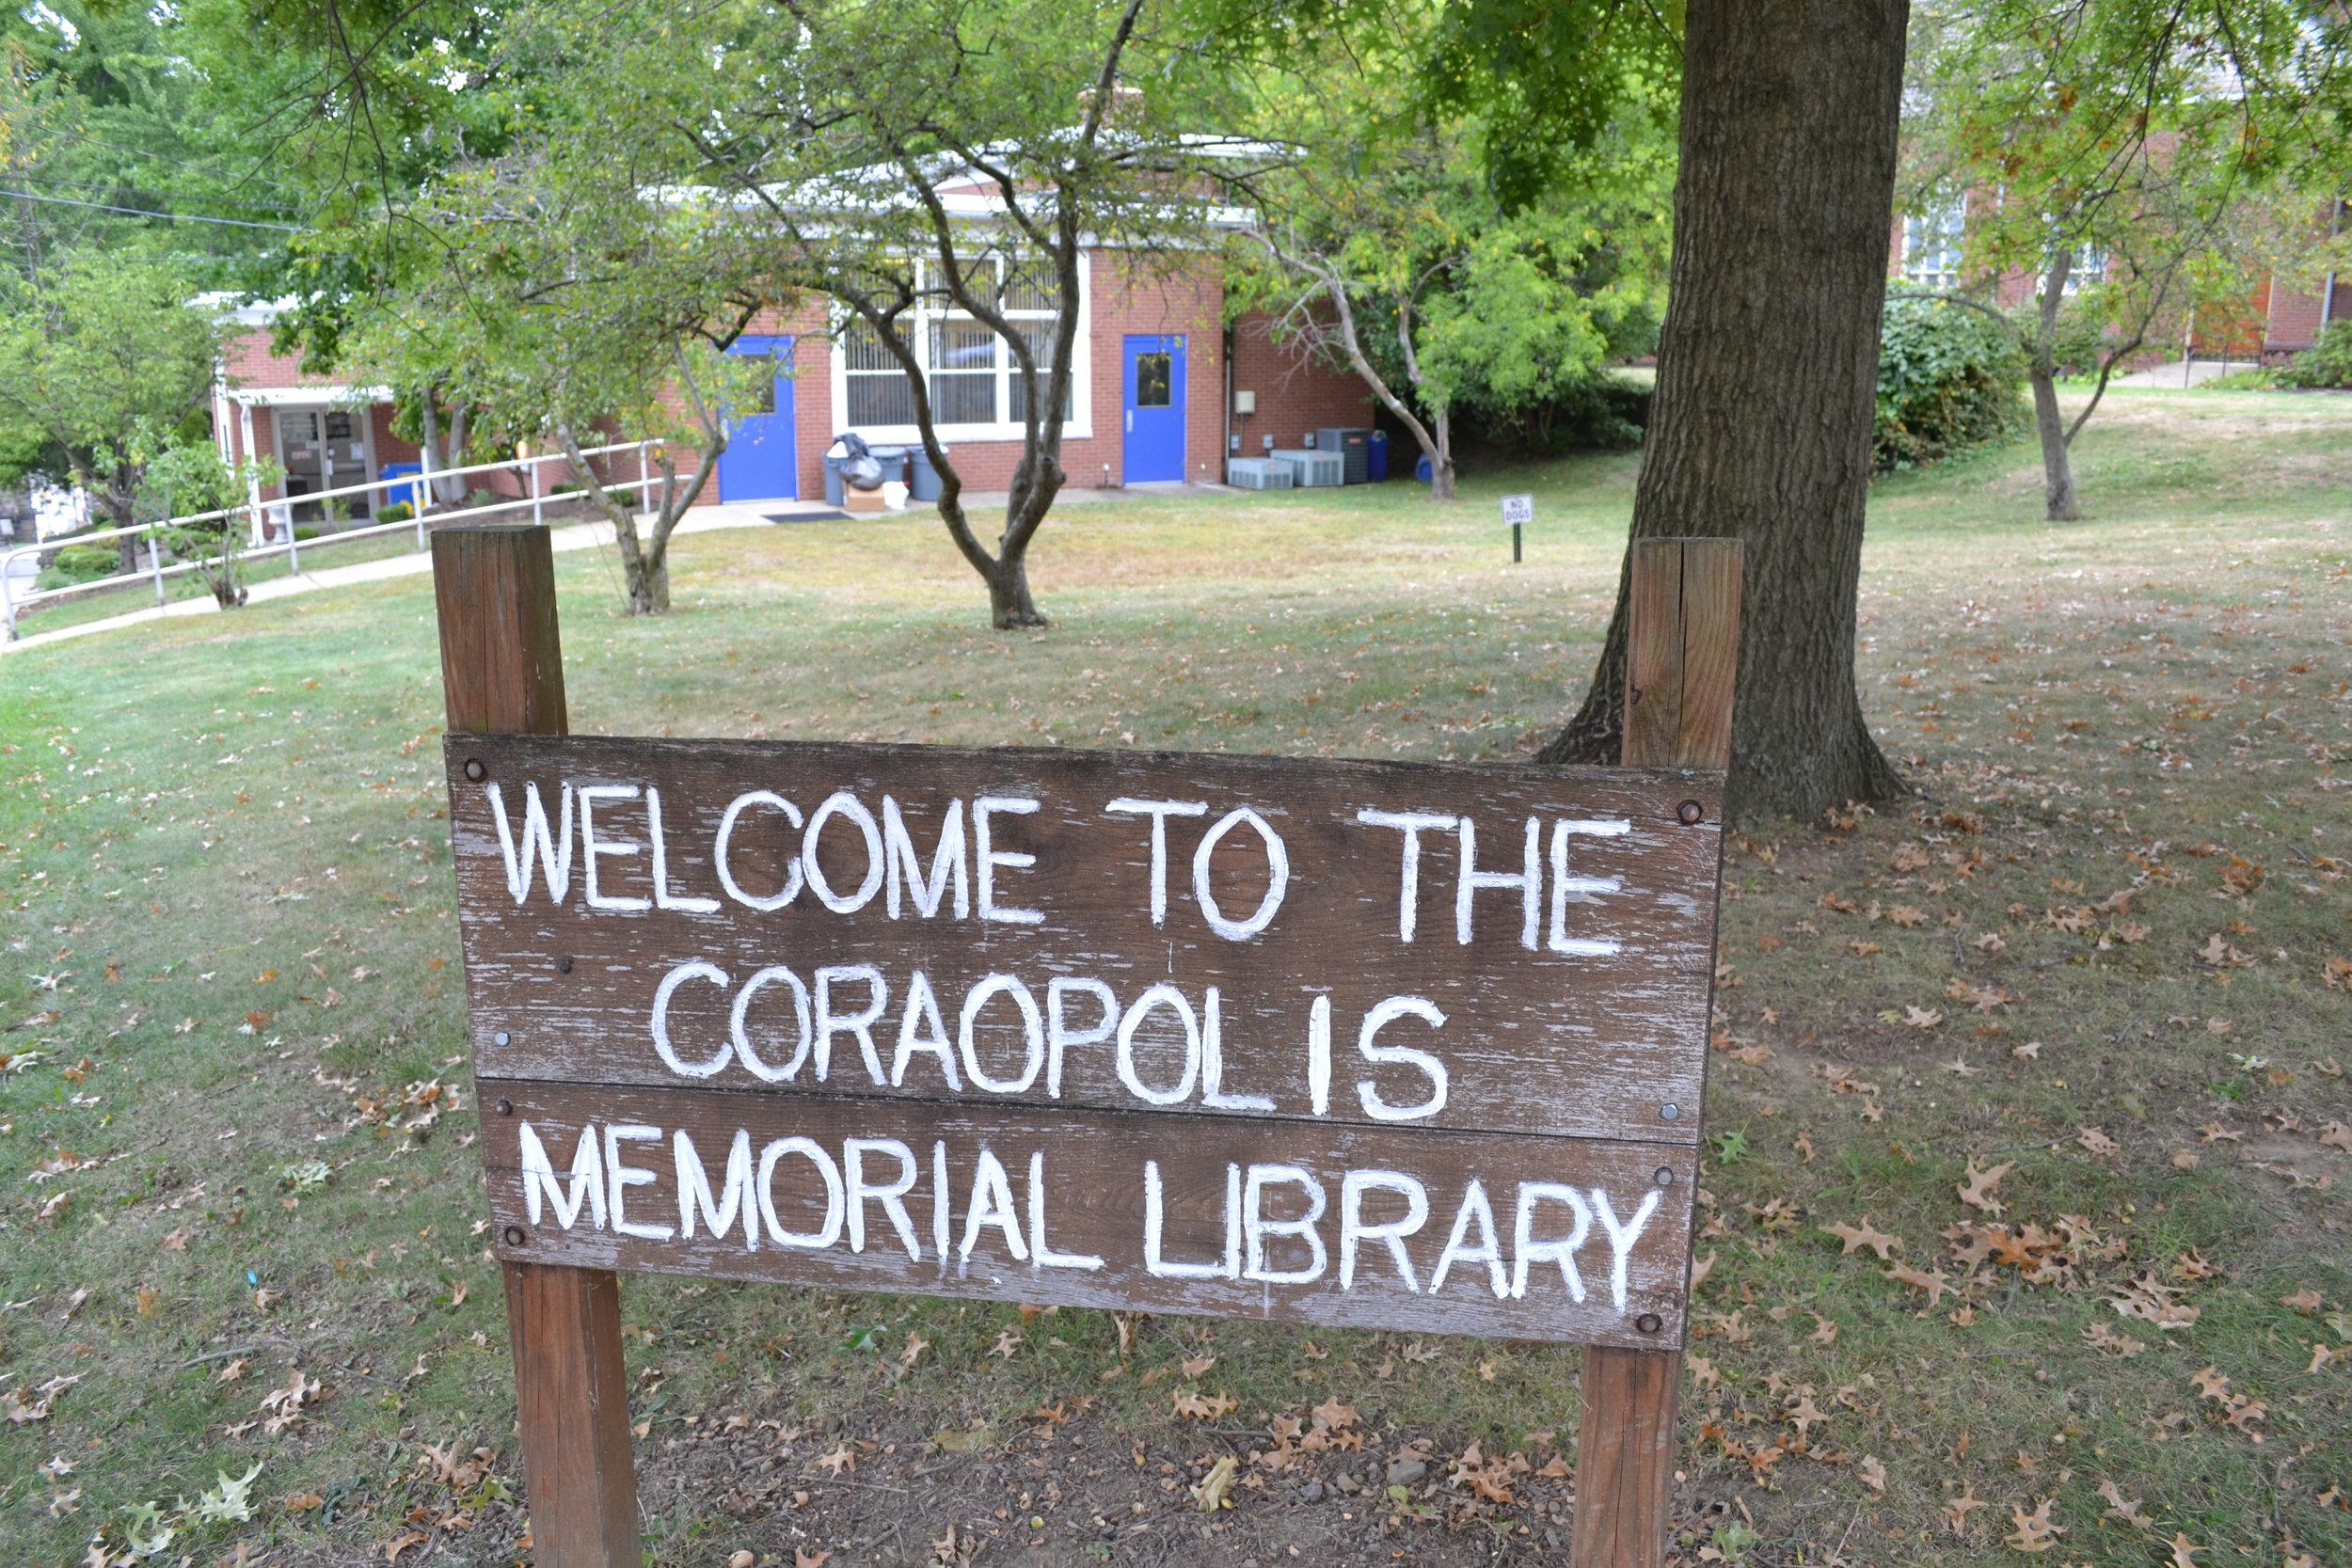 Coraopolis Memorial Library